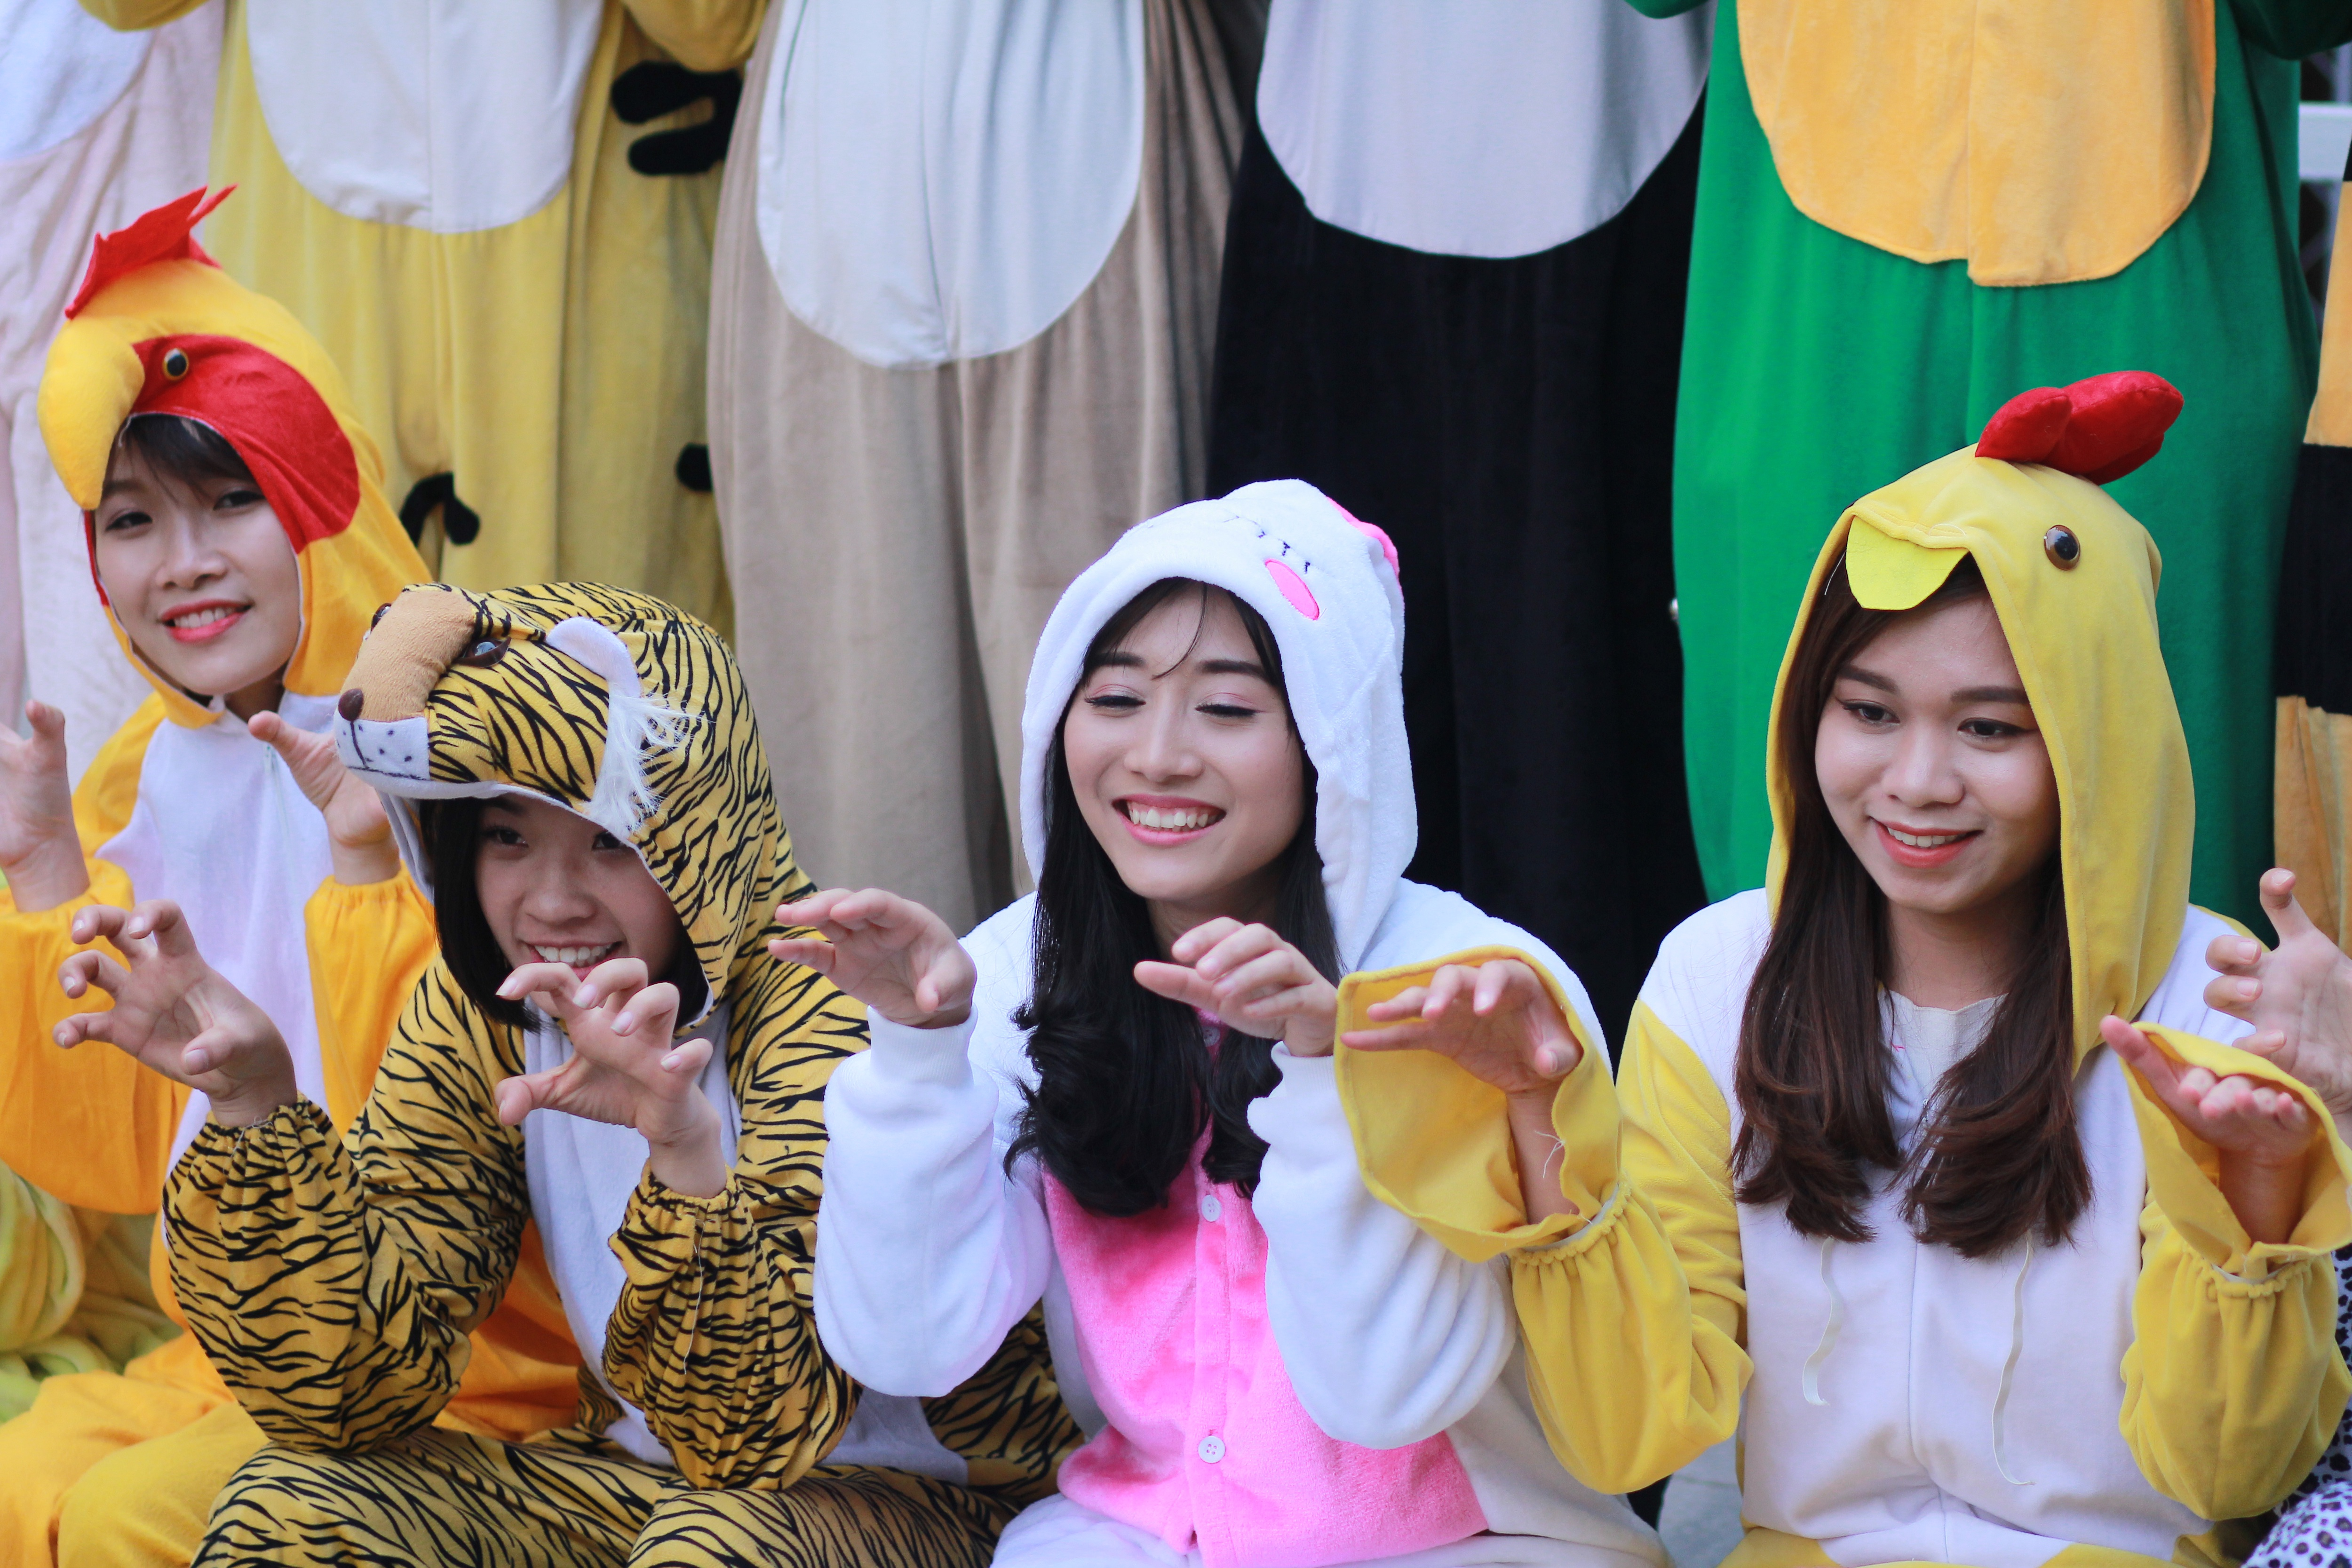 Các bạn sinh viên mặc bộ đồ hóa trang các con vật đáng yêu như thỏ, hổ, gà, voi...